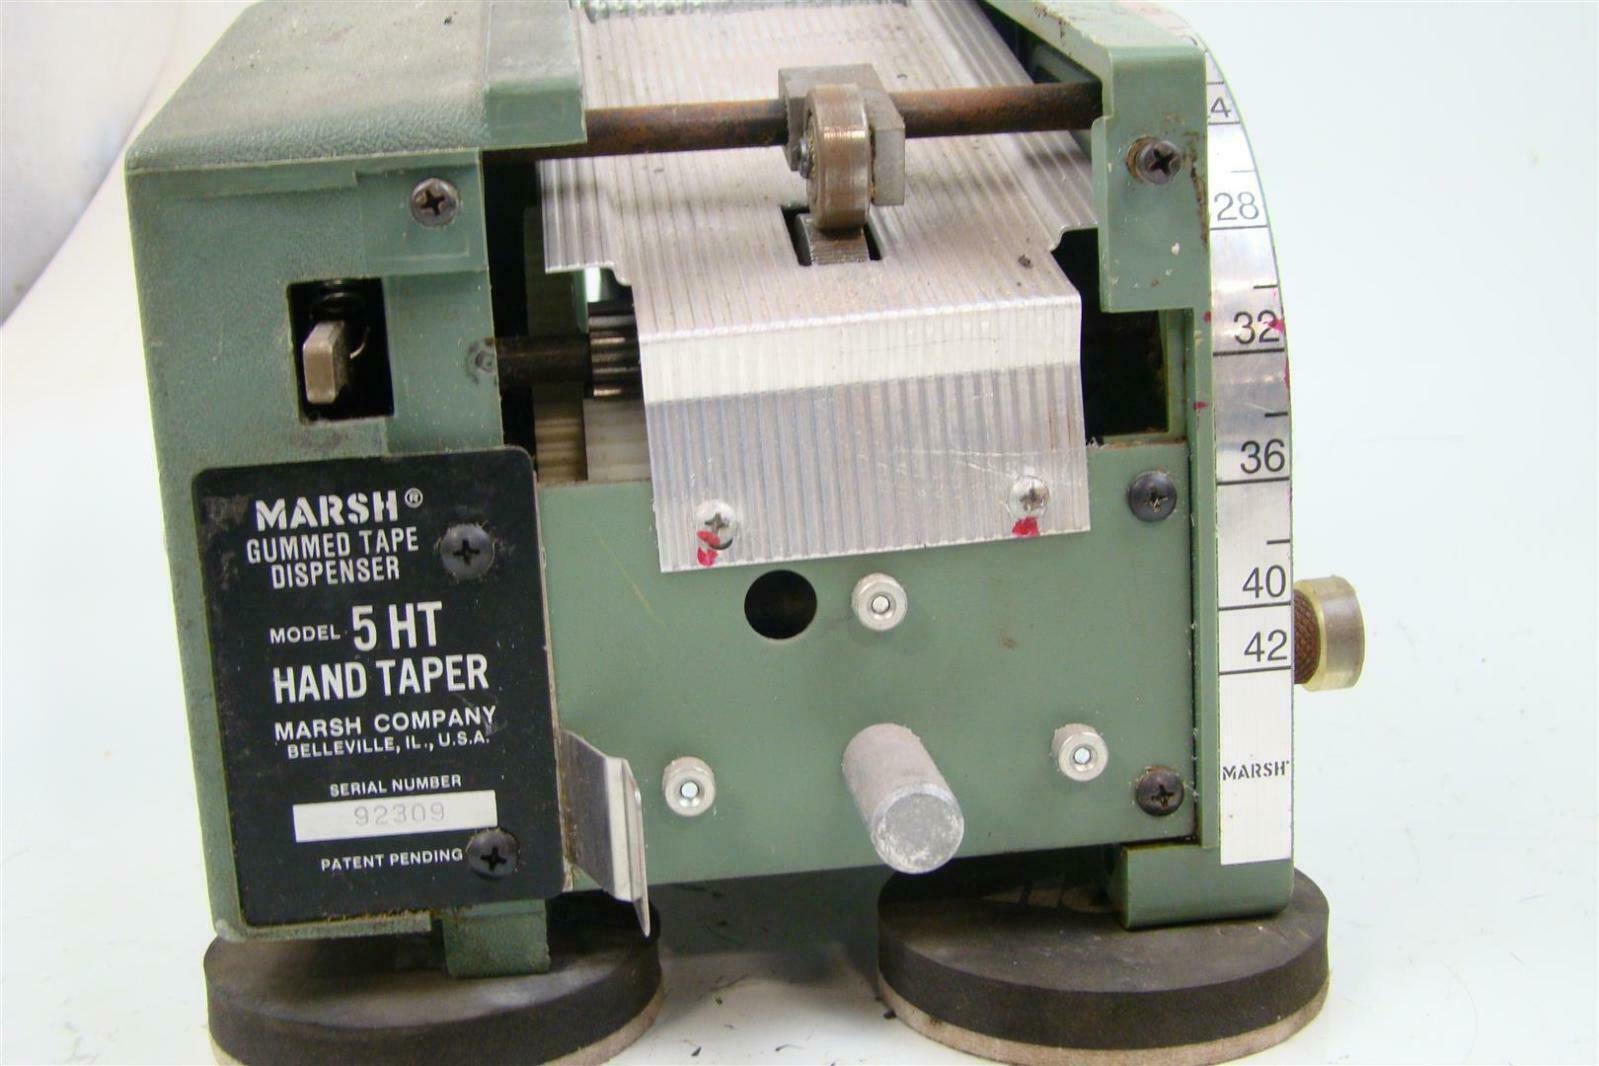 HT Hand Taper Marsh Gummed Tape Dispenser